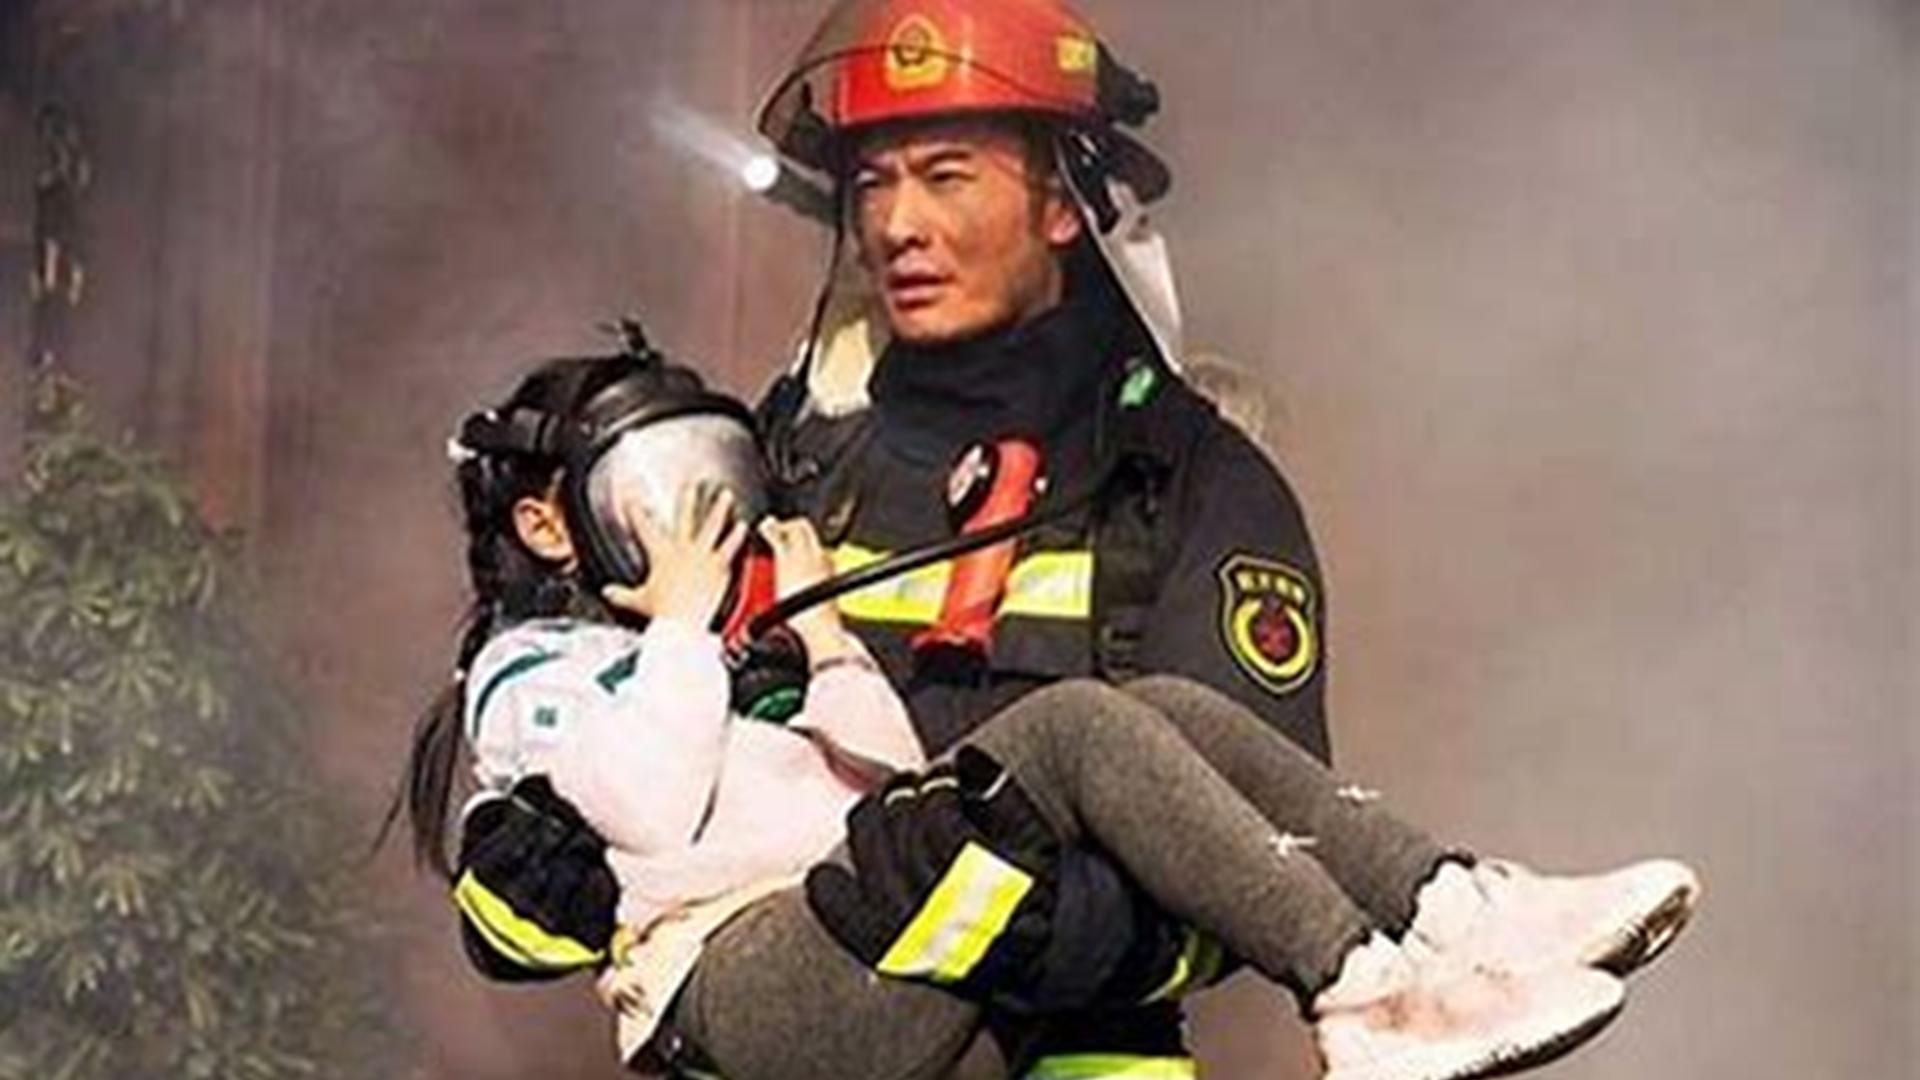 火锅店请注意,大迪解说,站在消防工程师的角度看《烈火英雄》